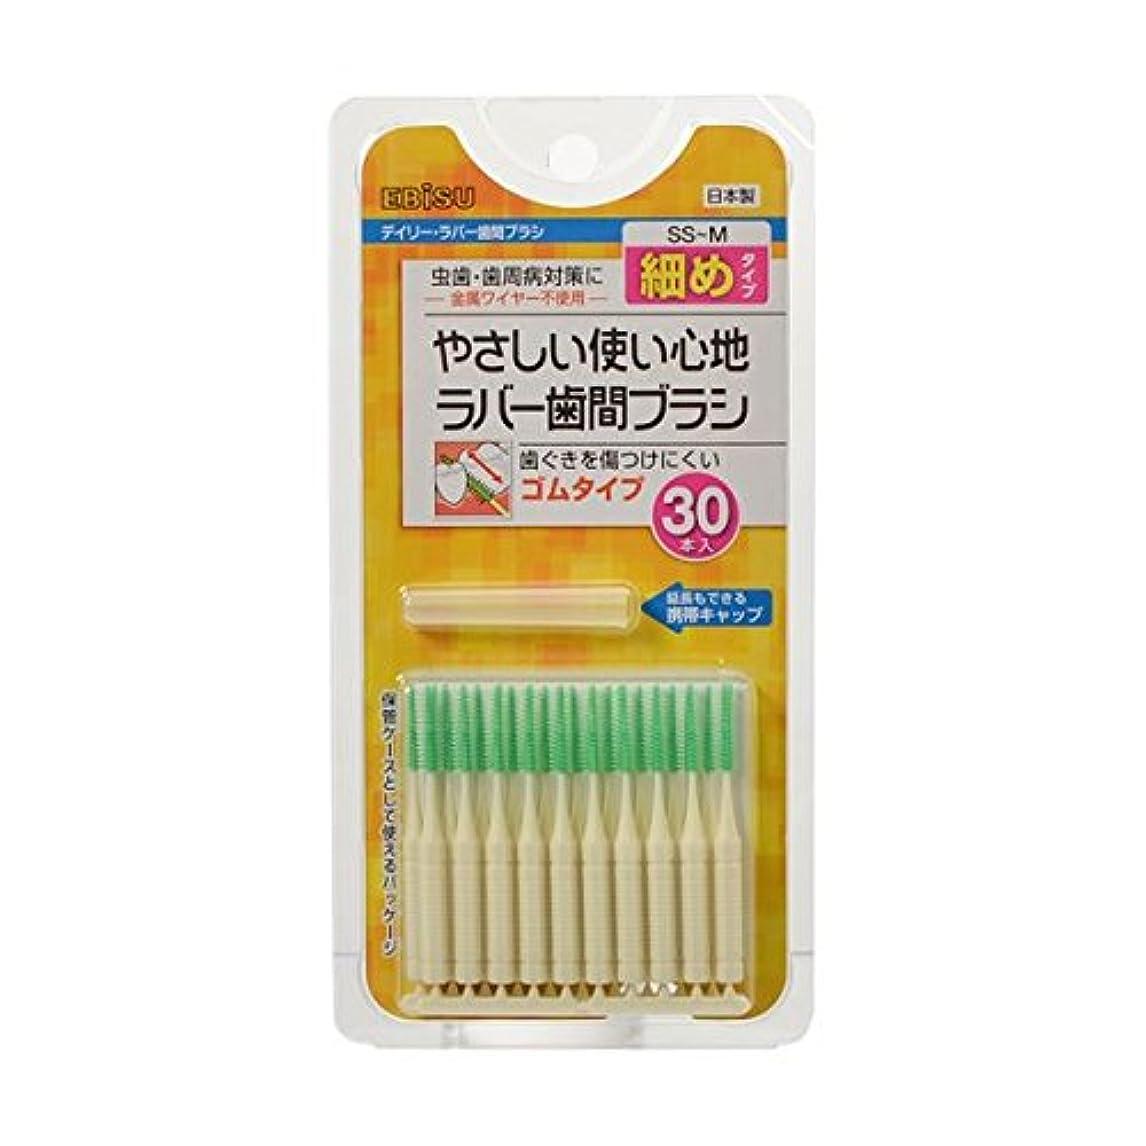 【エビス】デイリーラバー 歯間ブラシ SS~M 30本入 ×3個セット